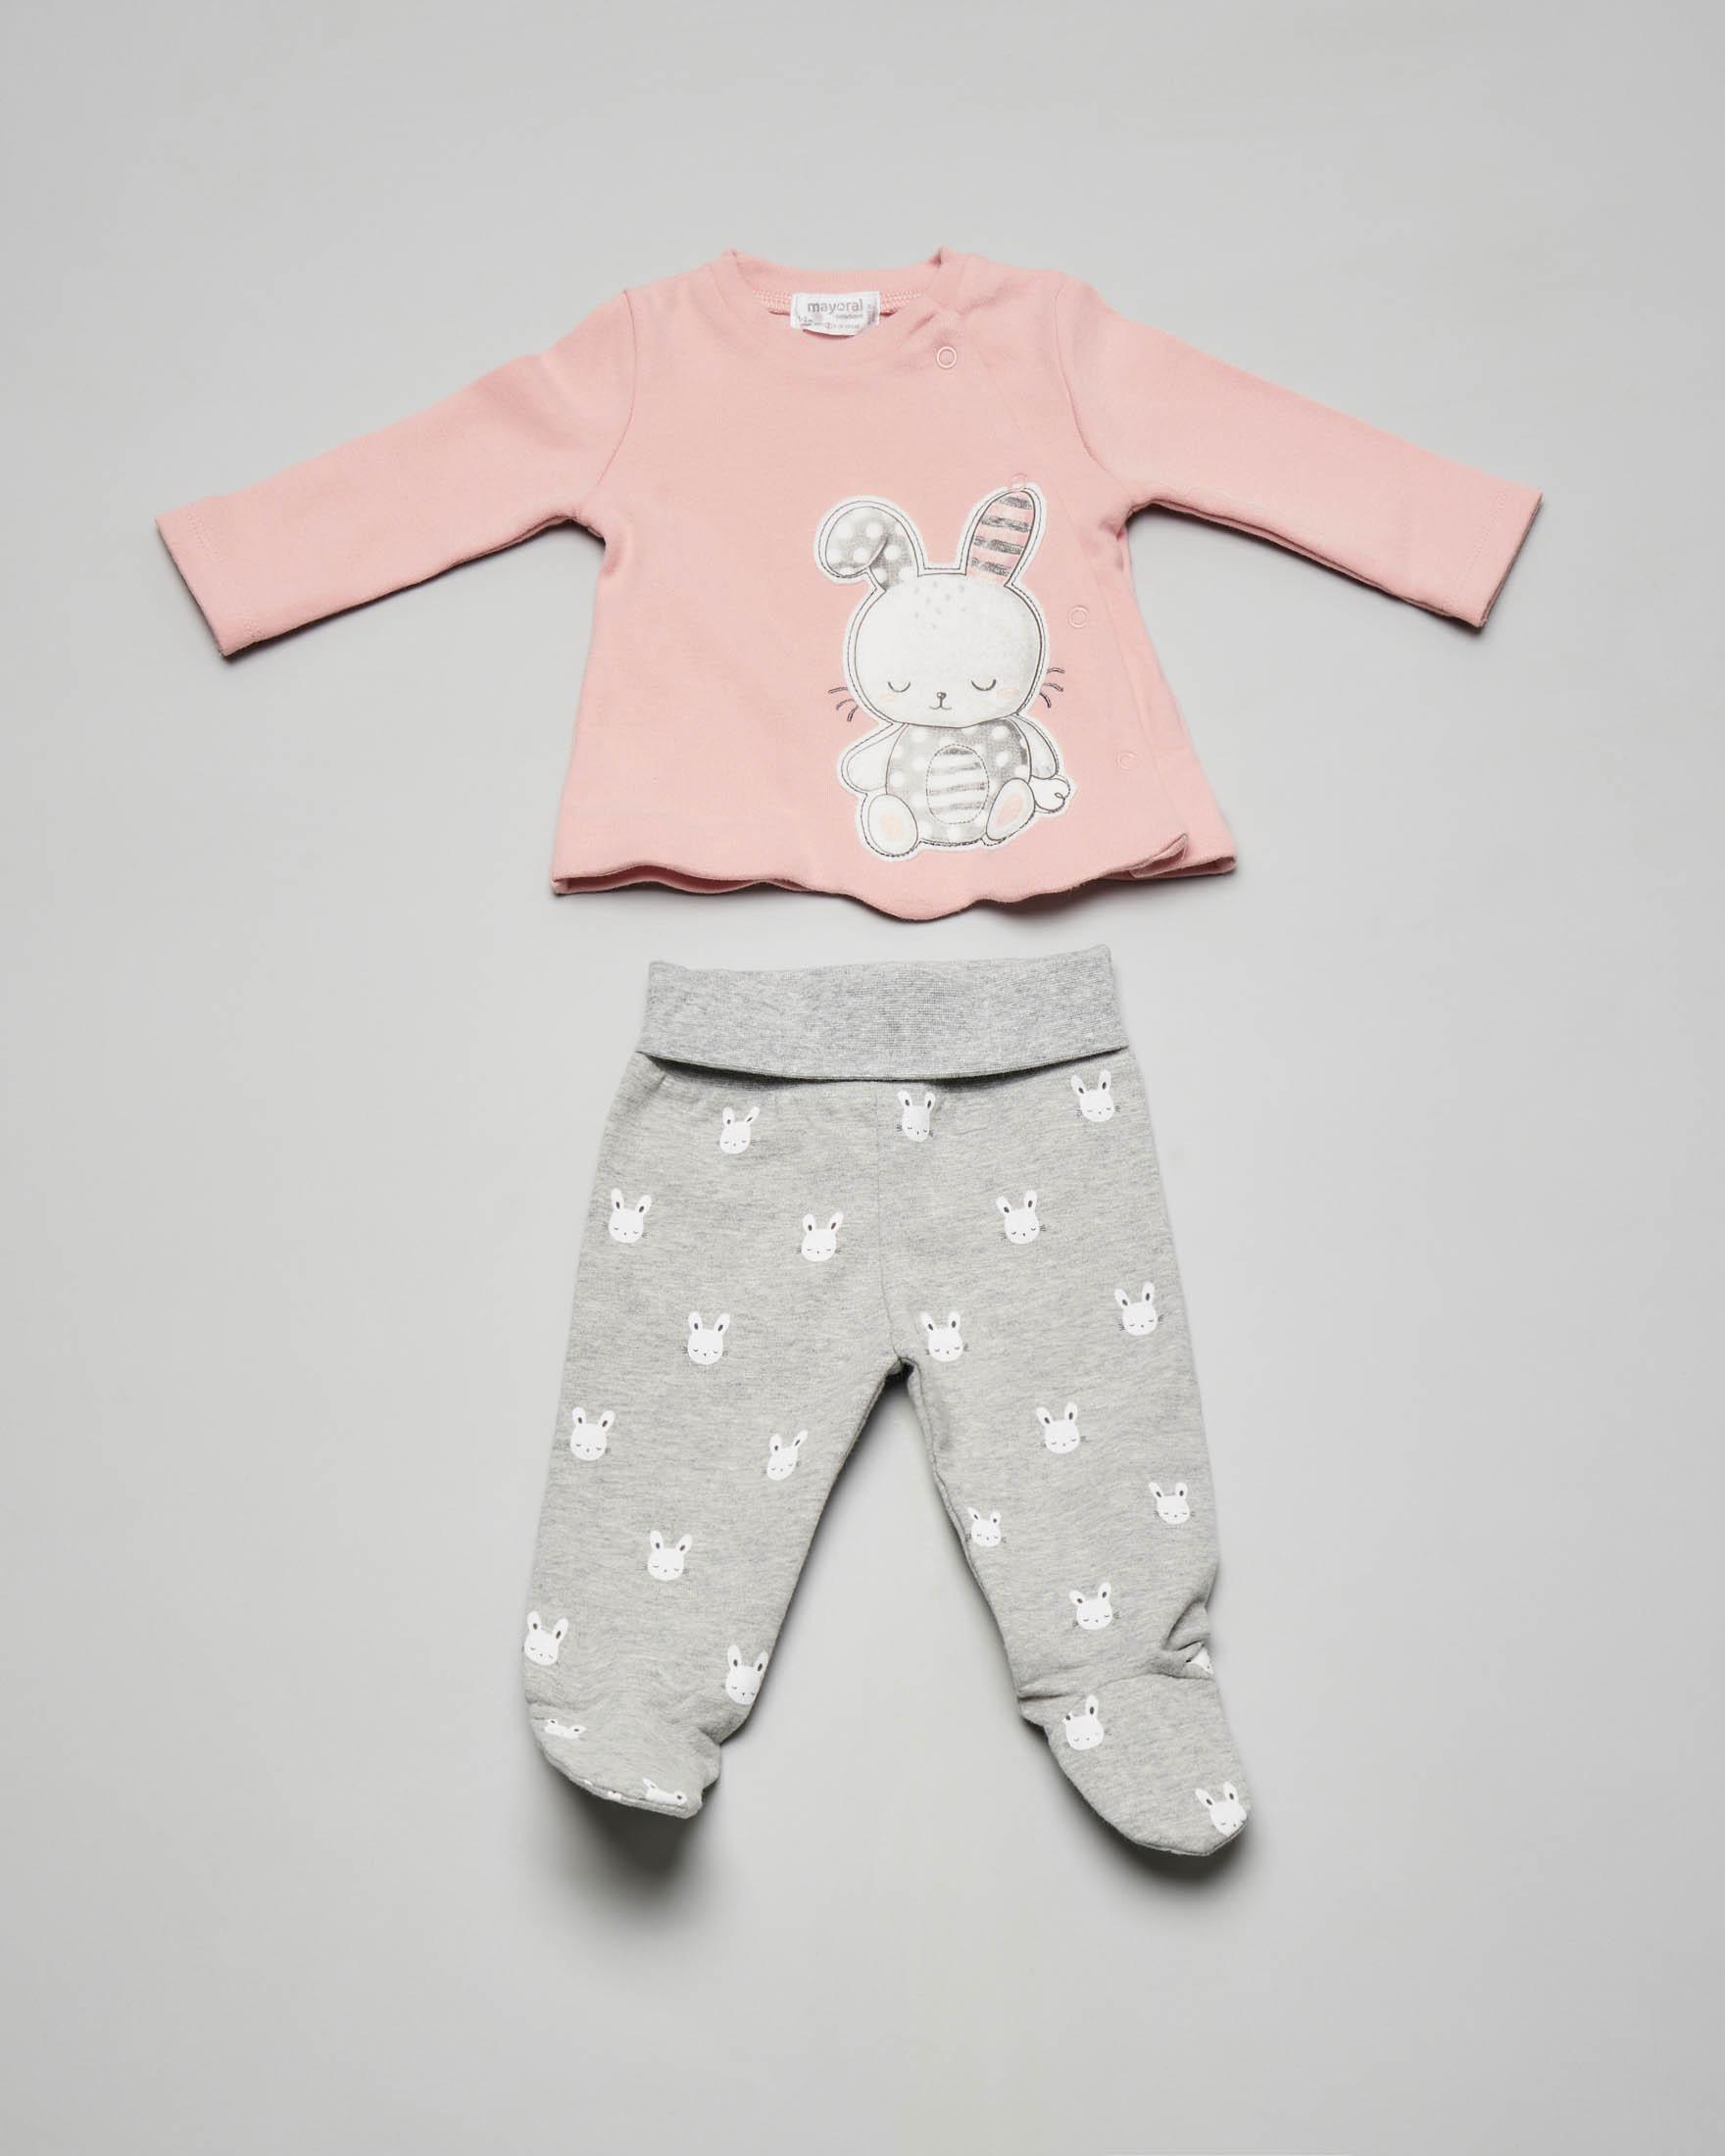 Completo maglia rosa con coniglietto ricamato e ghettina grigia 1-4